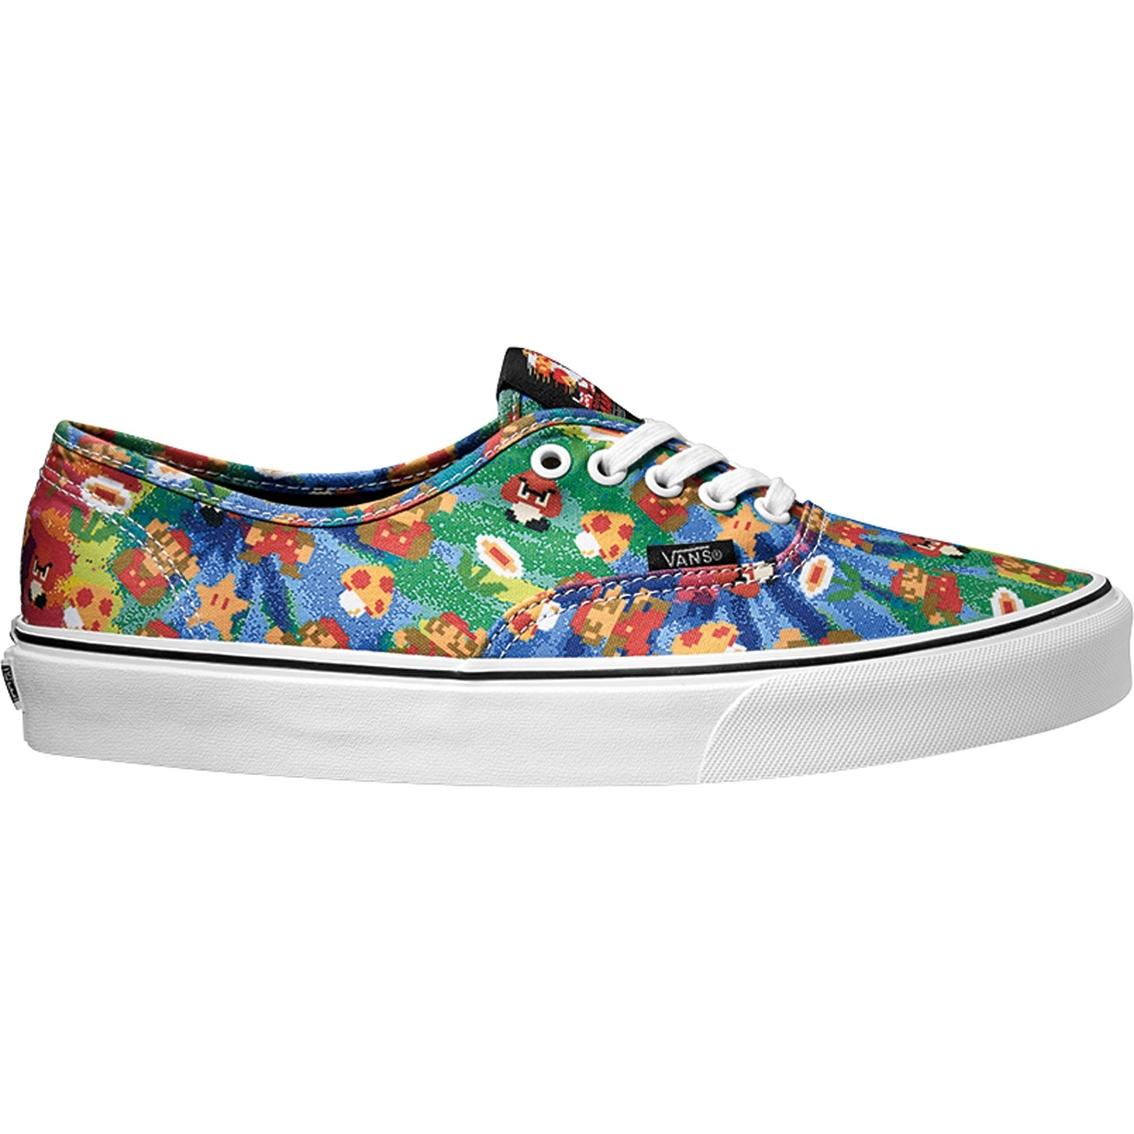 wyglądają dobrze wyprzedaż buty taniej sklep w Wielkiej Brytanii Vans Men's Nintendo Authentic Shoes, Super Mario Brothers ...